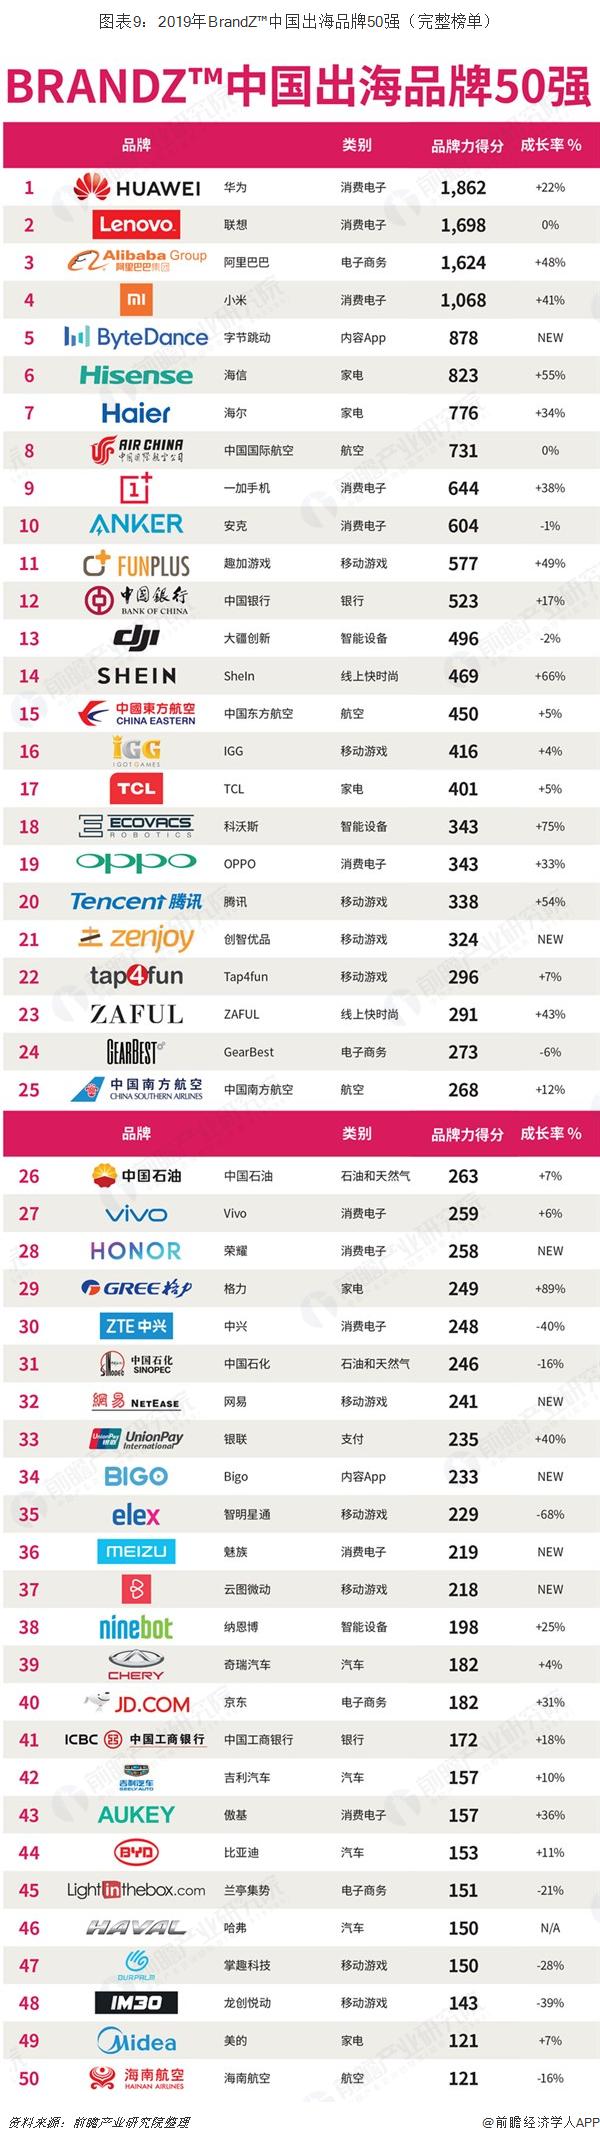 图表9:2019年BrandZ™中国出海品牌50强(完整榜单)